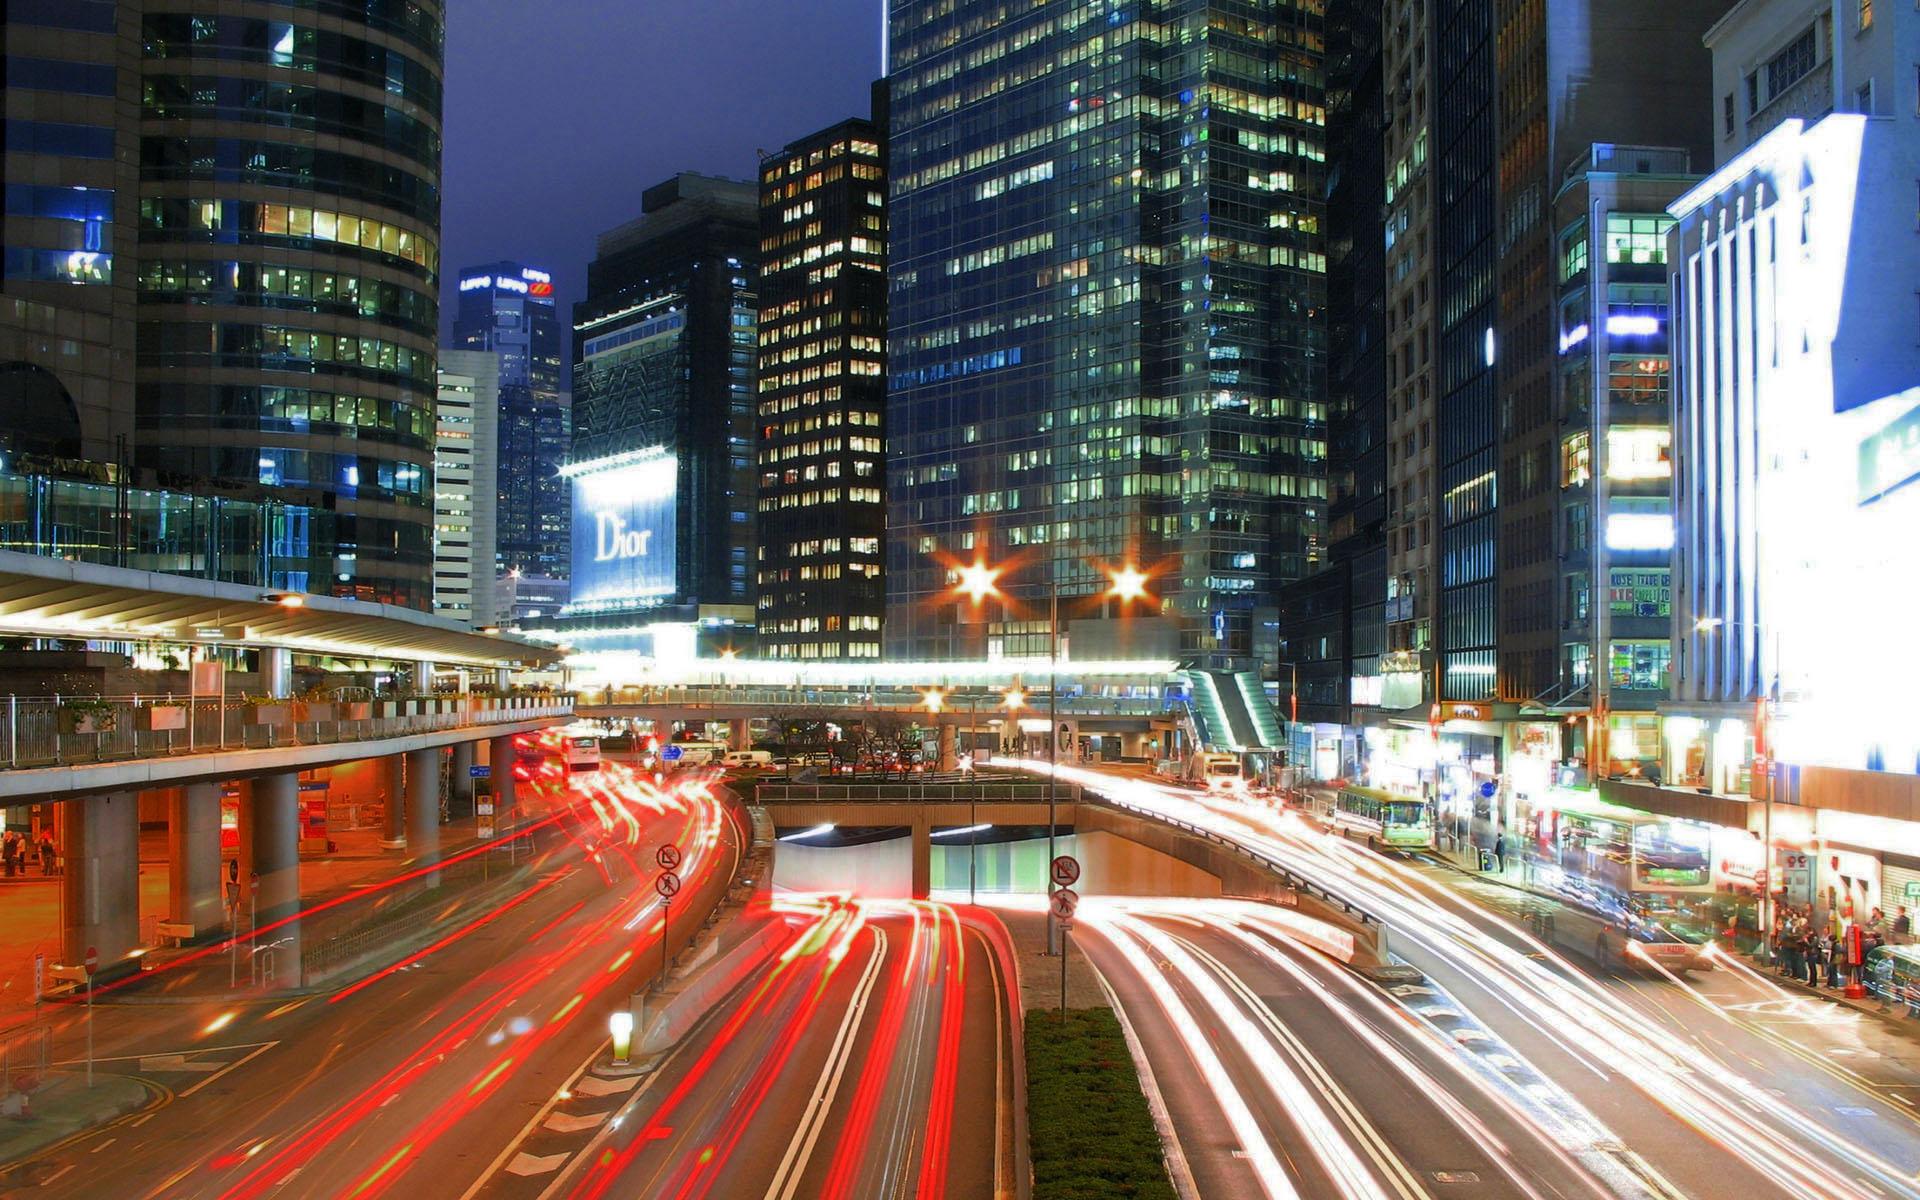 استرس و زندگی شهری